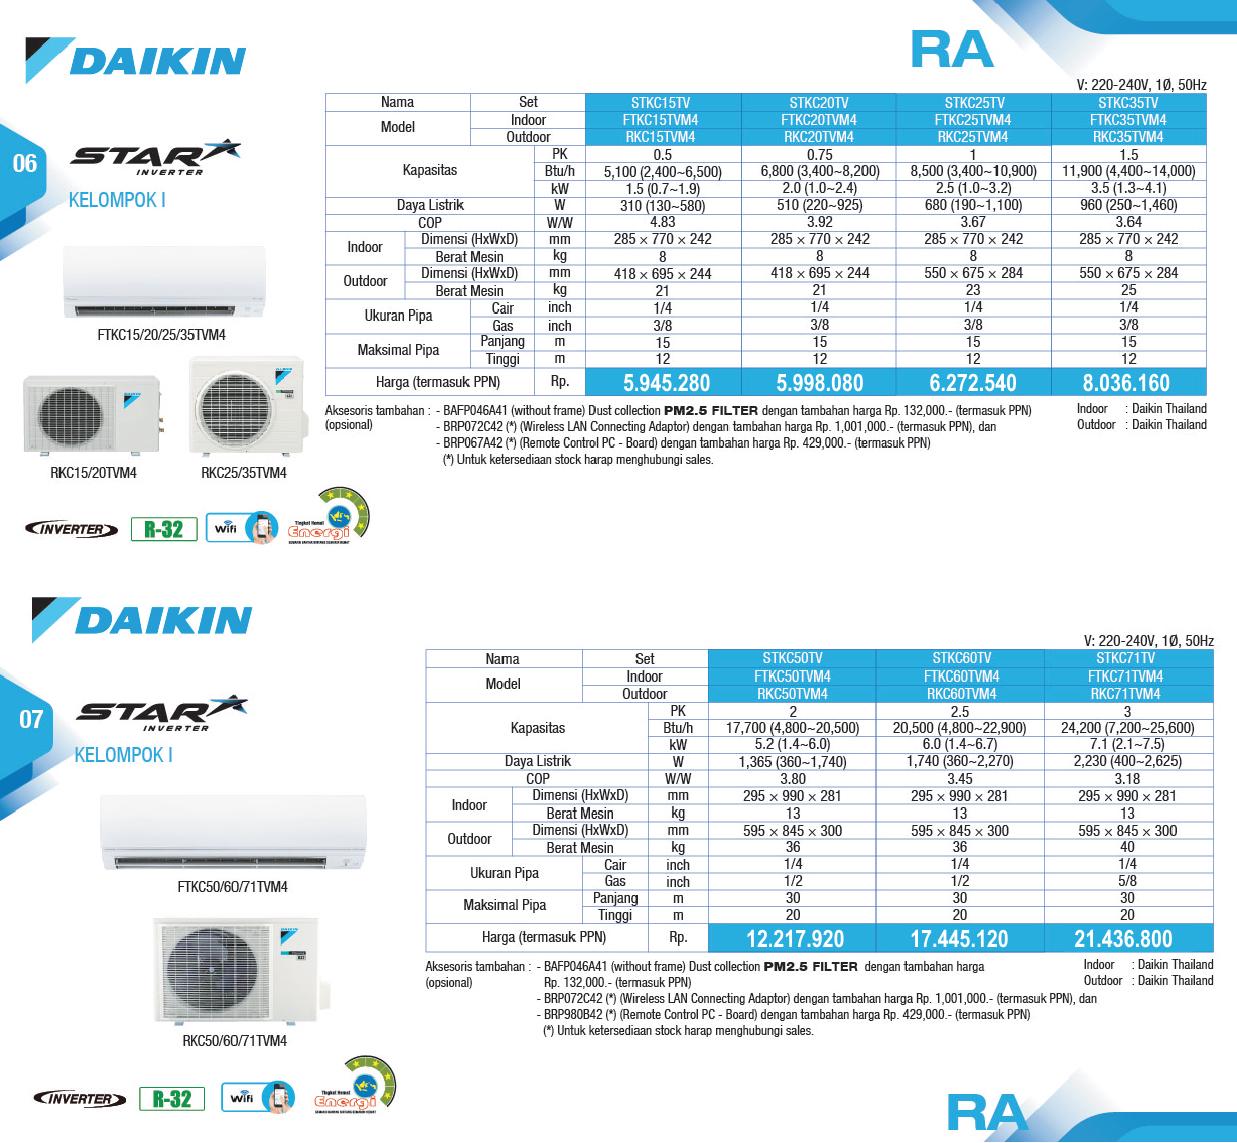 Harga AC Daikin Star Inverter - Distributor AC Daikin - Service AC Daikin